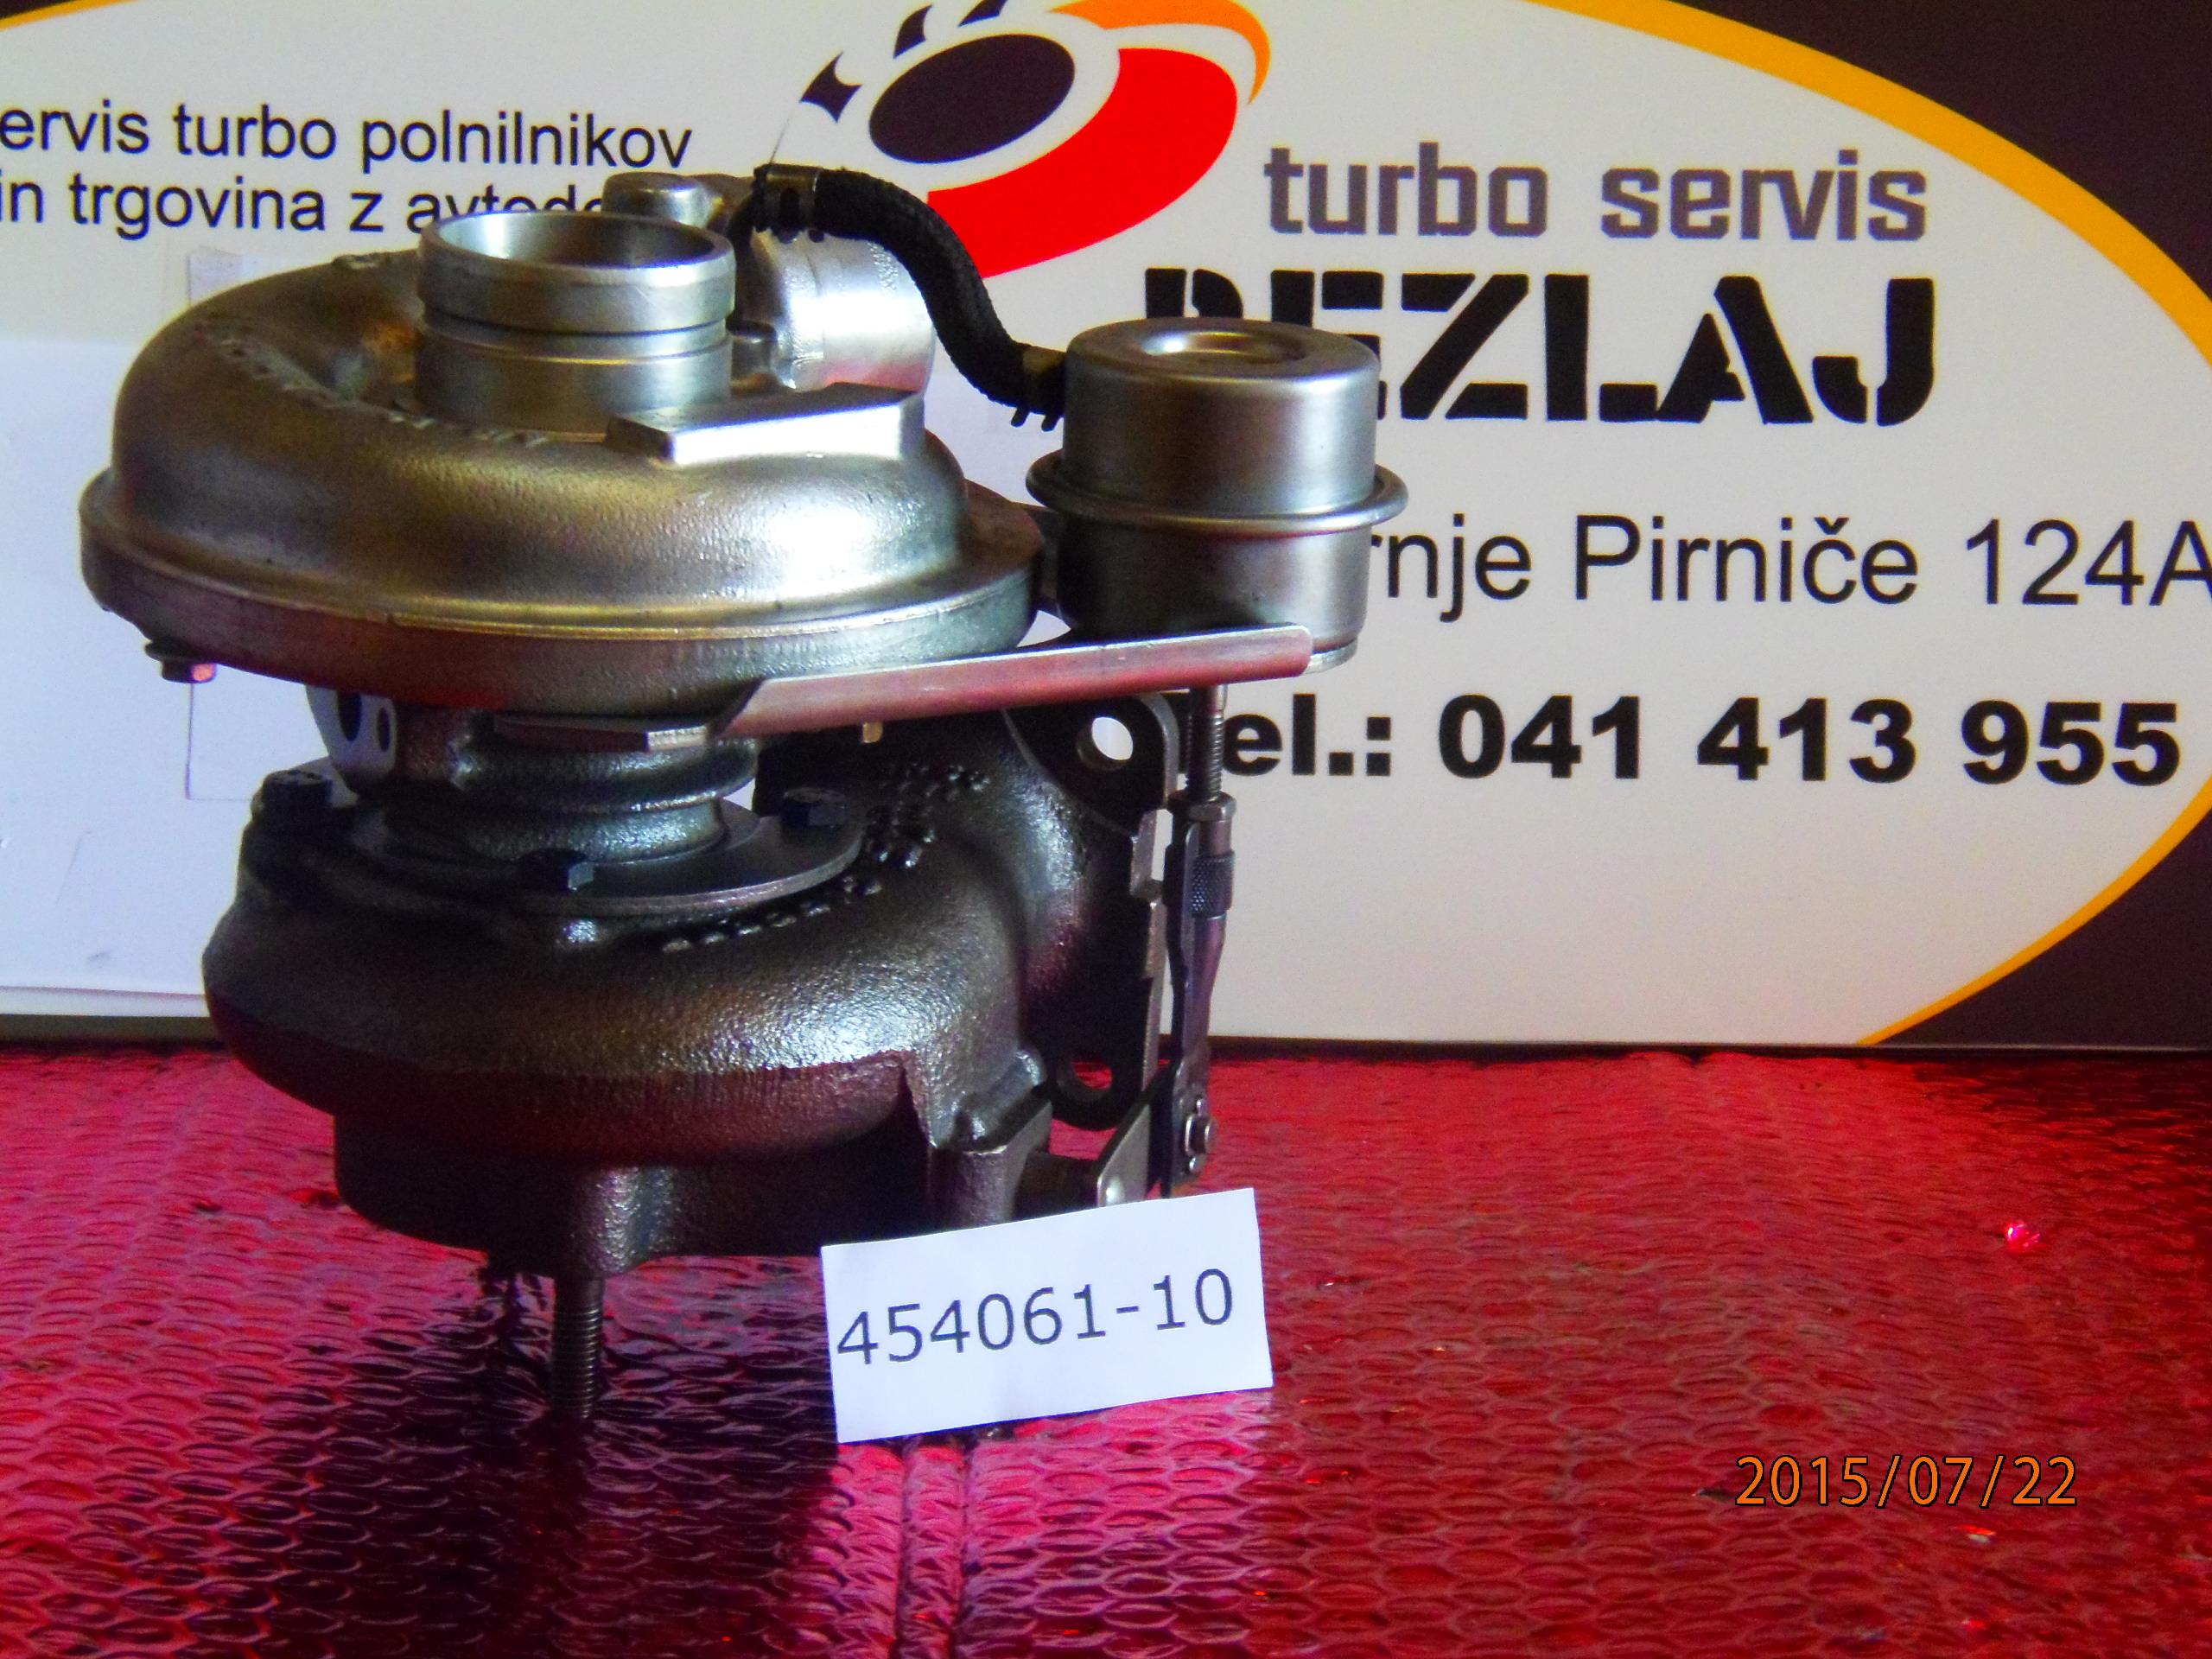 turbo454061-10